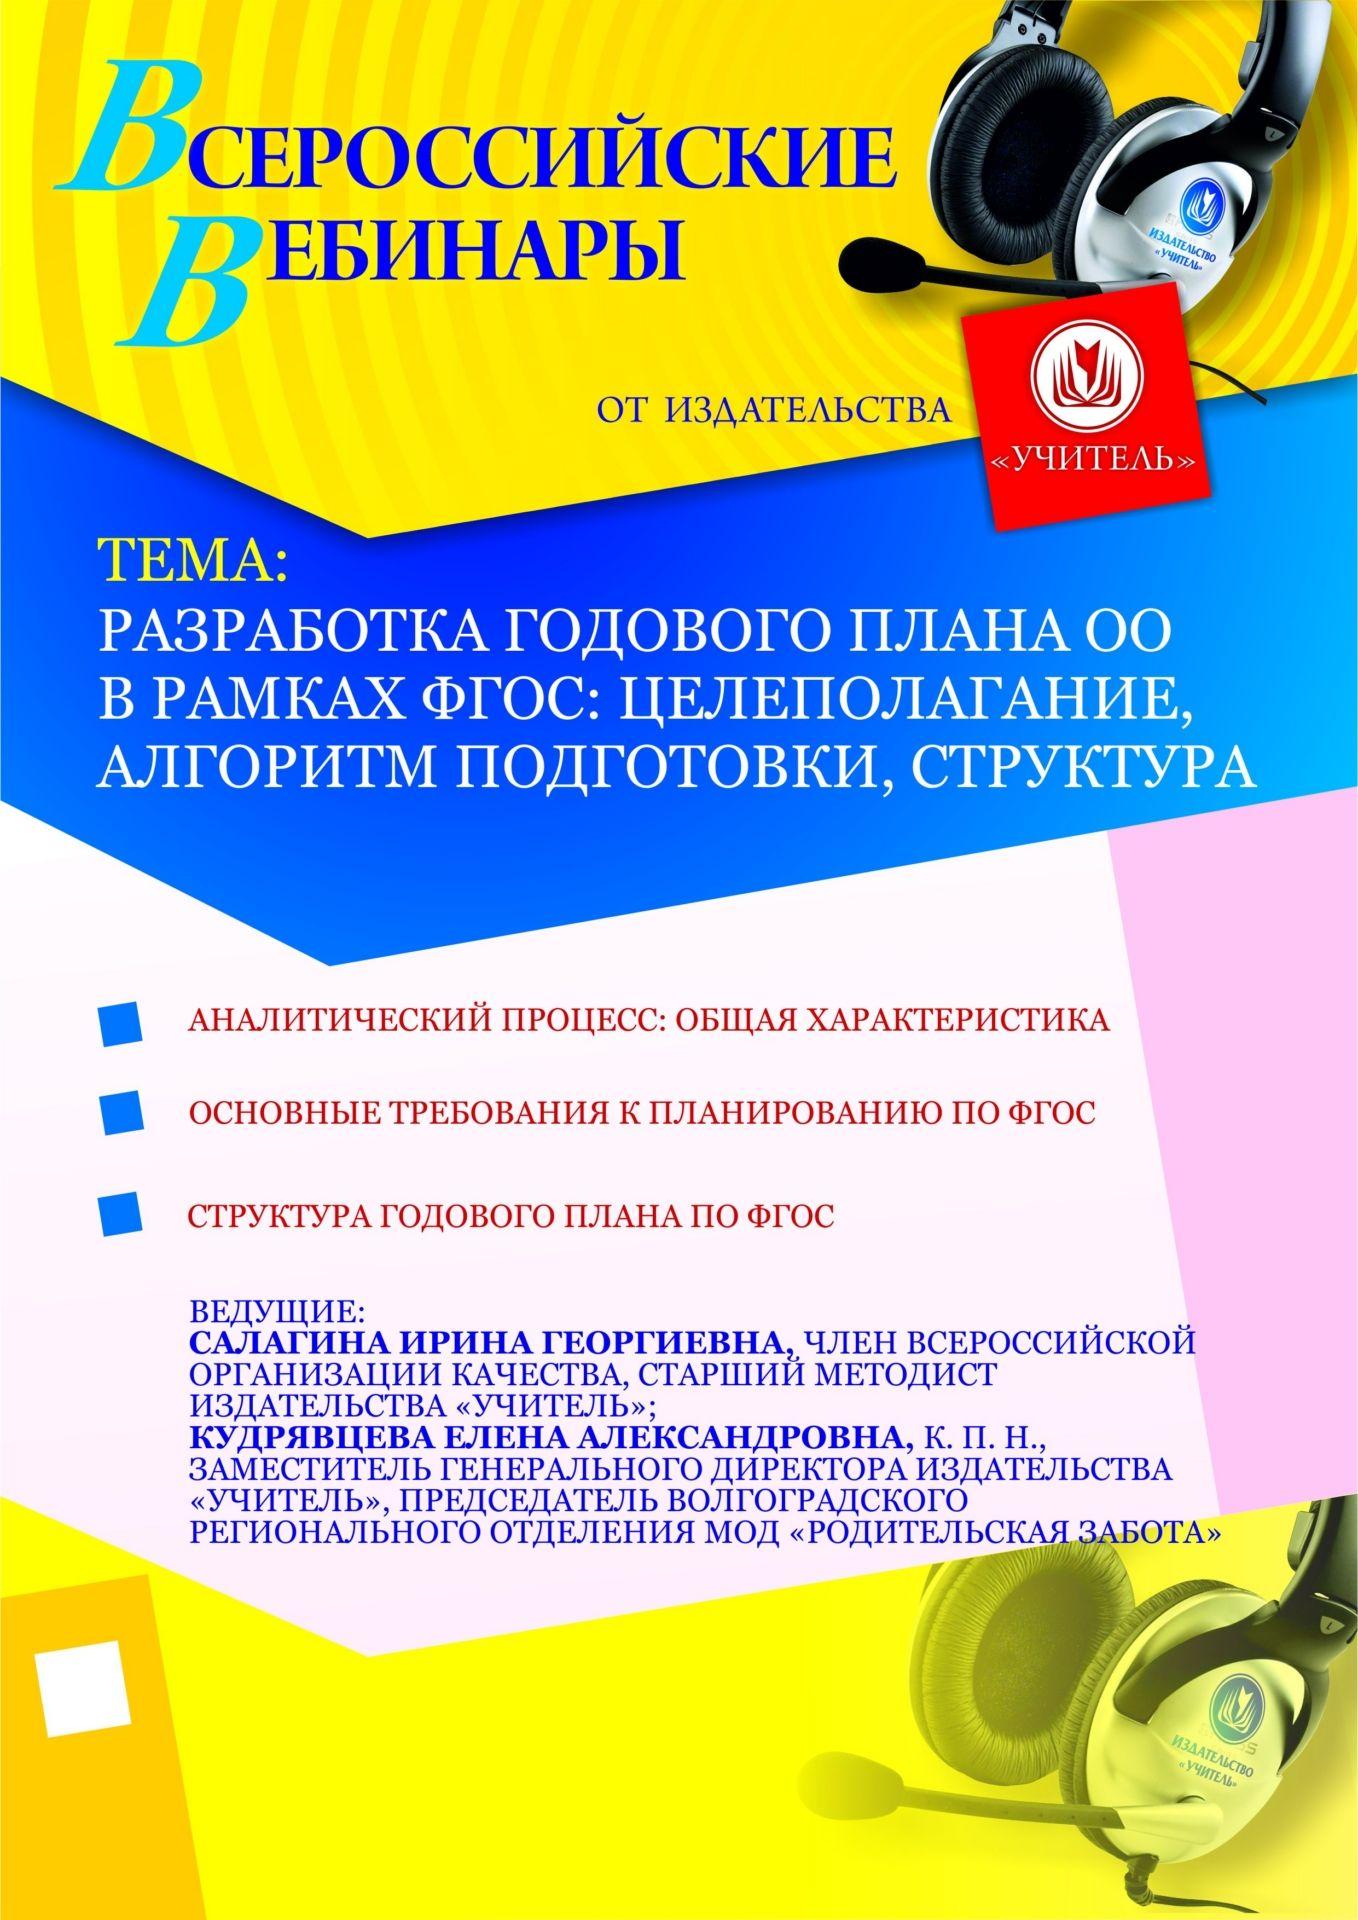 Разработка годового плана ОО в рамках ФГОС